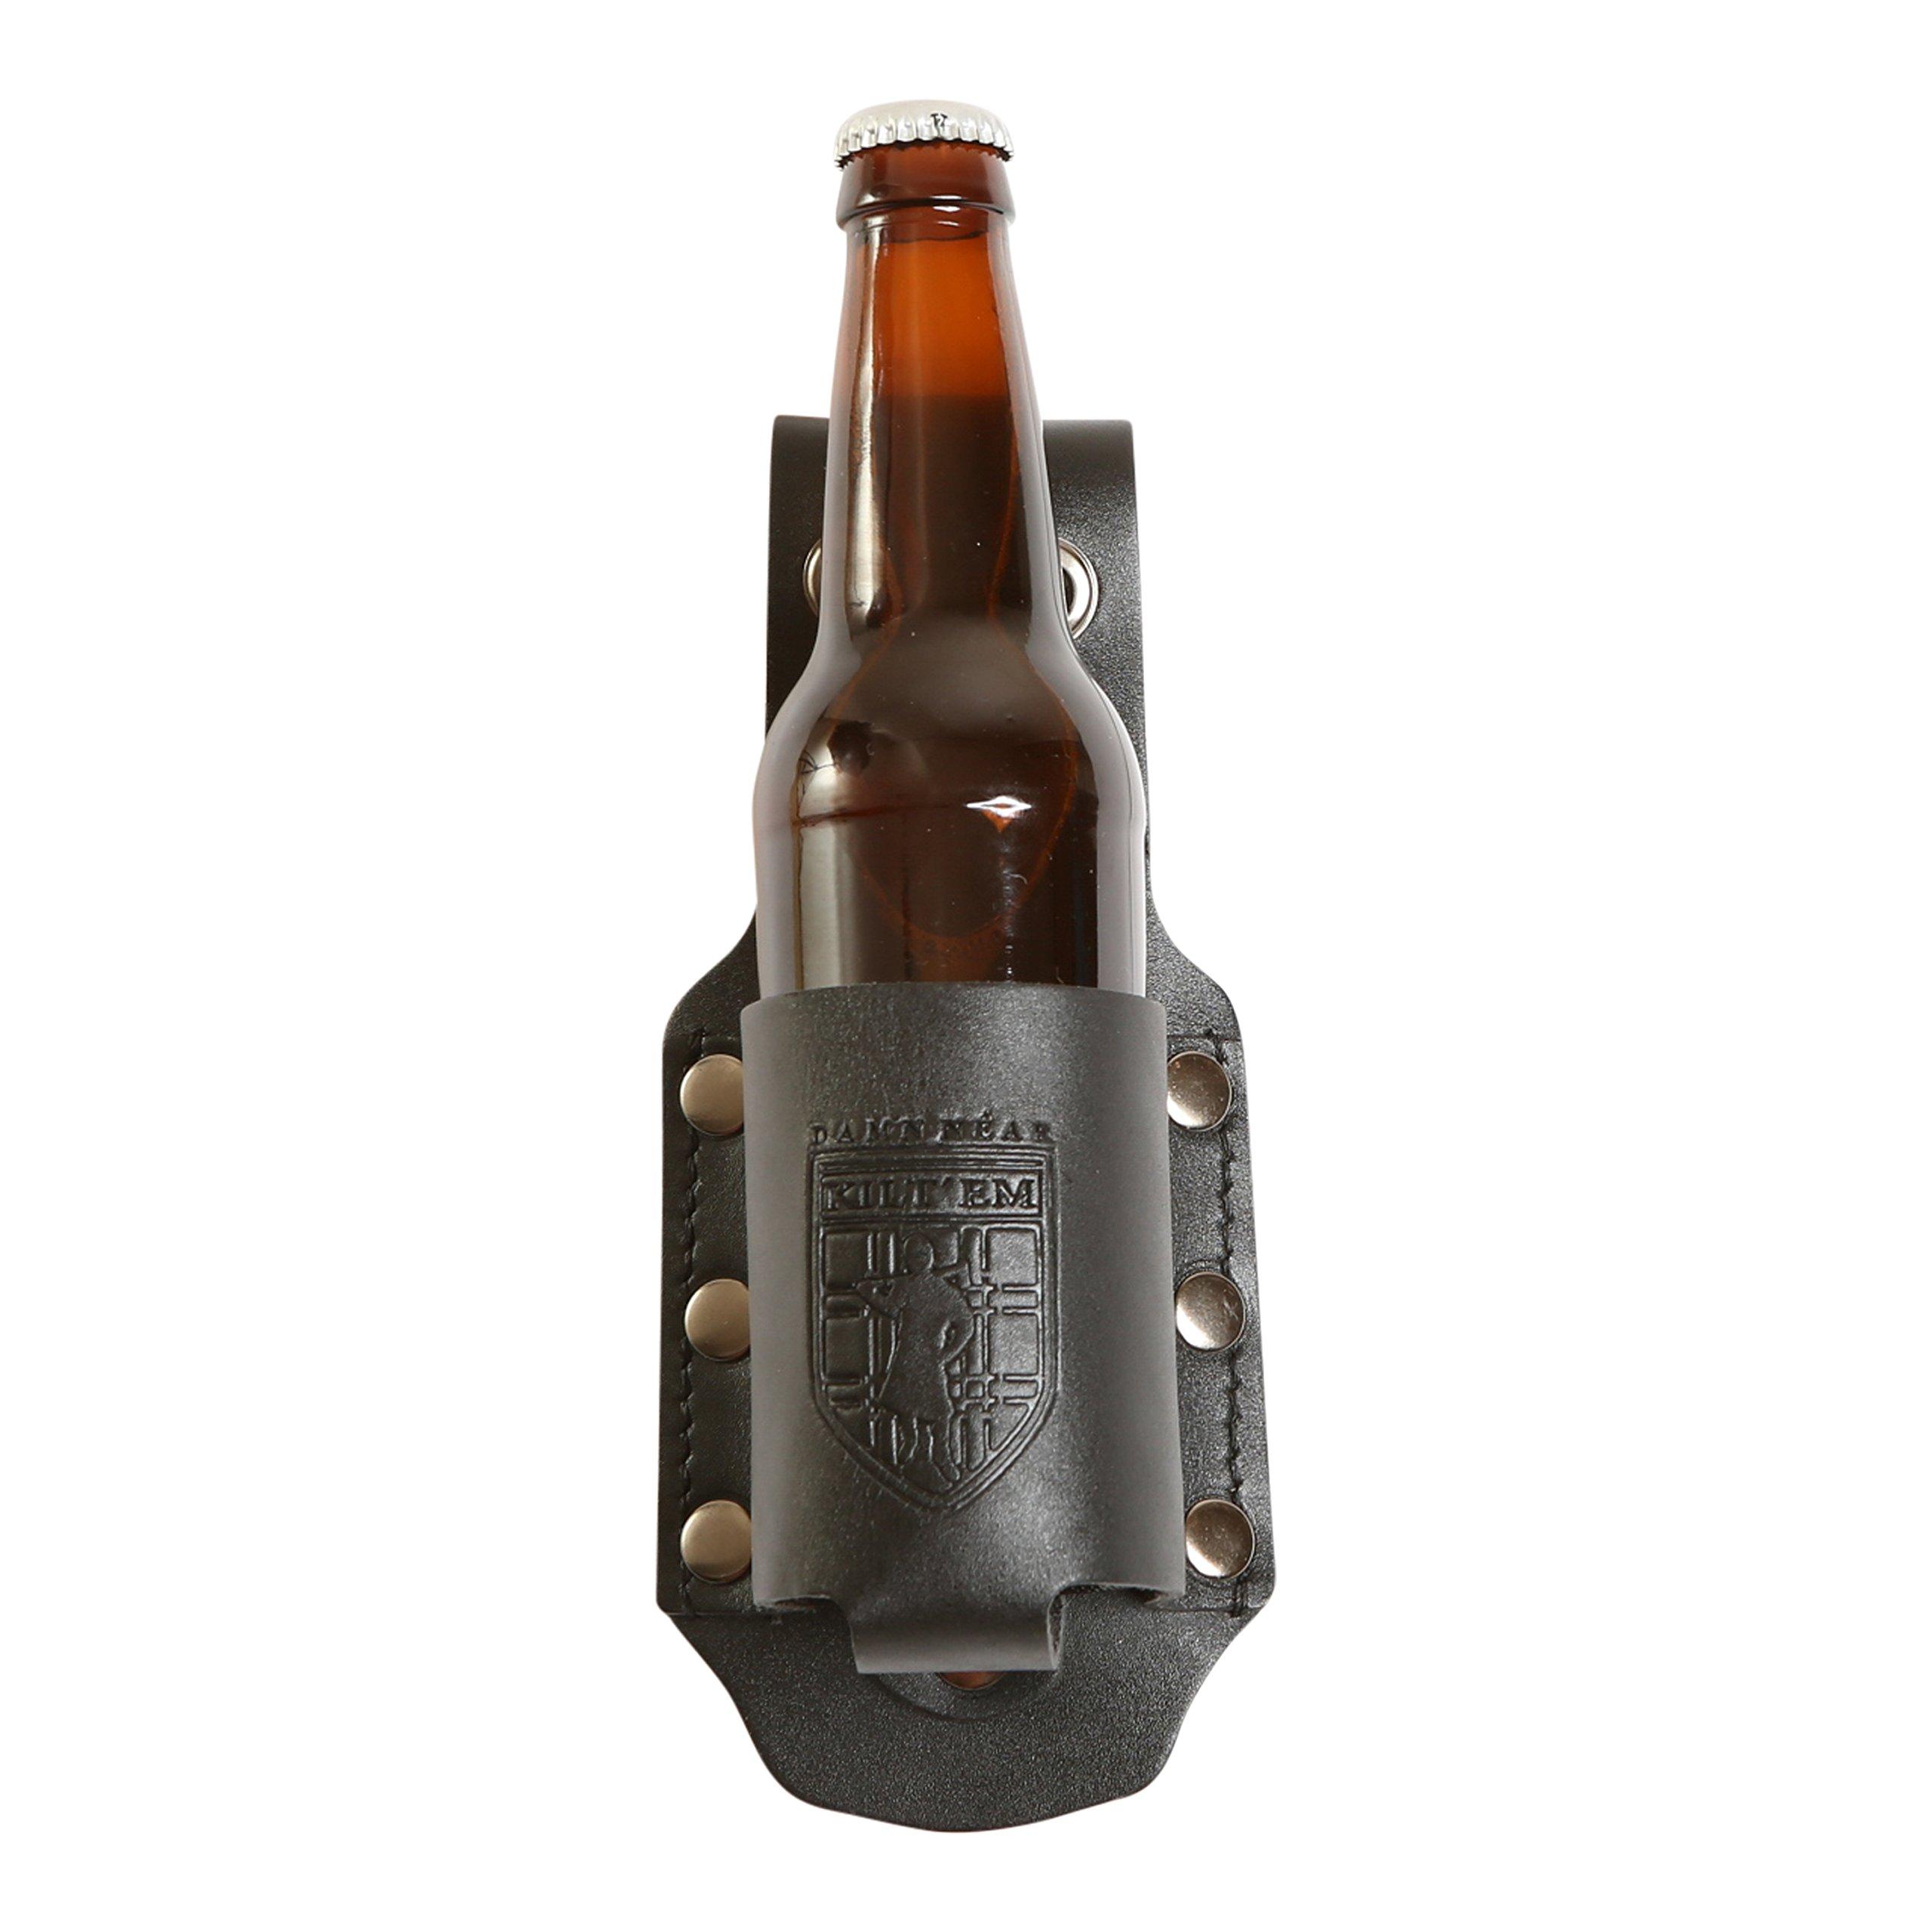 Damn Near Kilt 'Em Premium Black Leather Bottle Holder Kilt Accessory by Damn Near Kilt 'Em